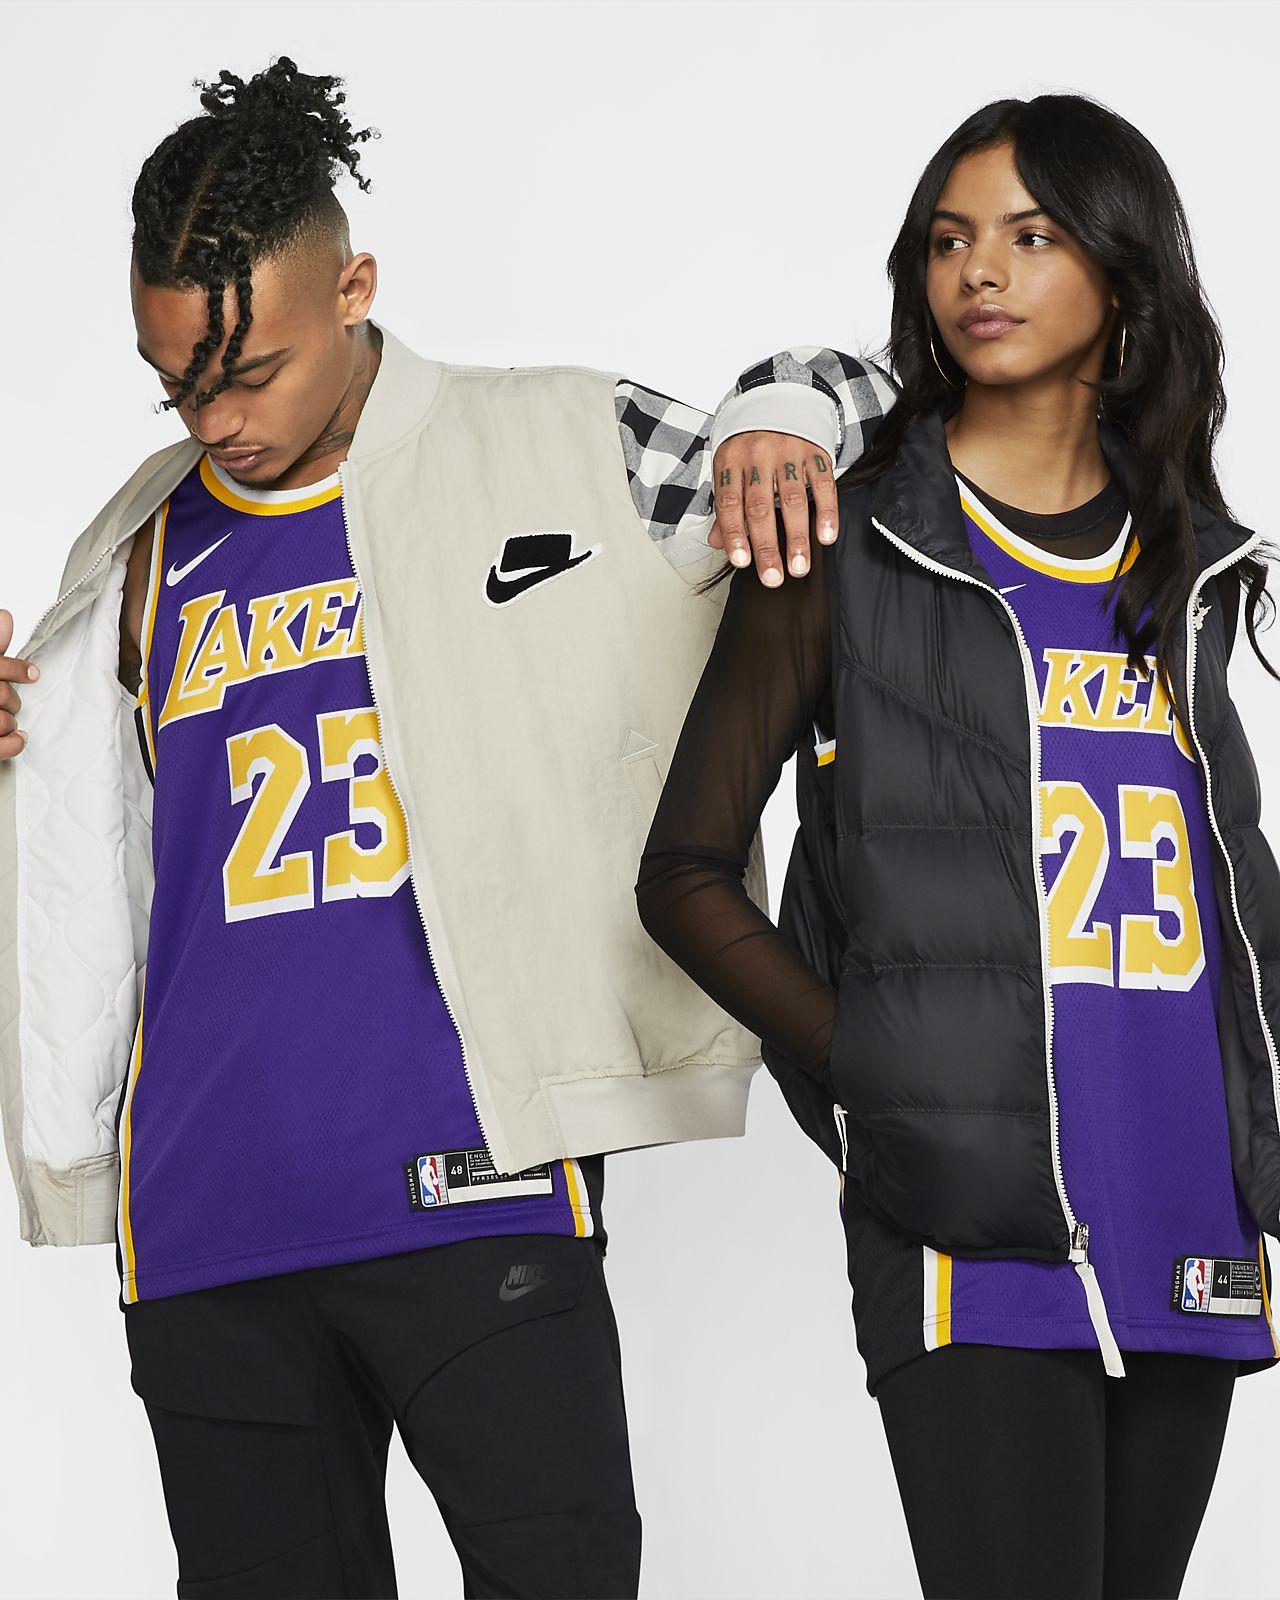 เสื้อแข่ง Nike NBA Connected ผู้ชาย LeBron James Statement Edition Swingman (Los Angeles Lakers)